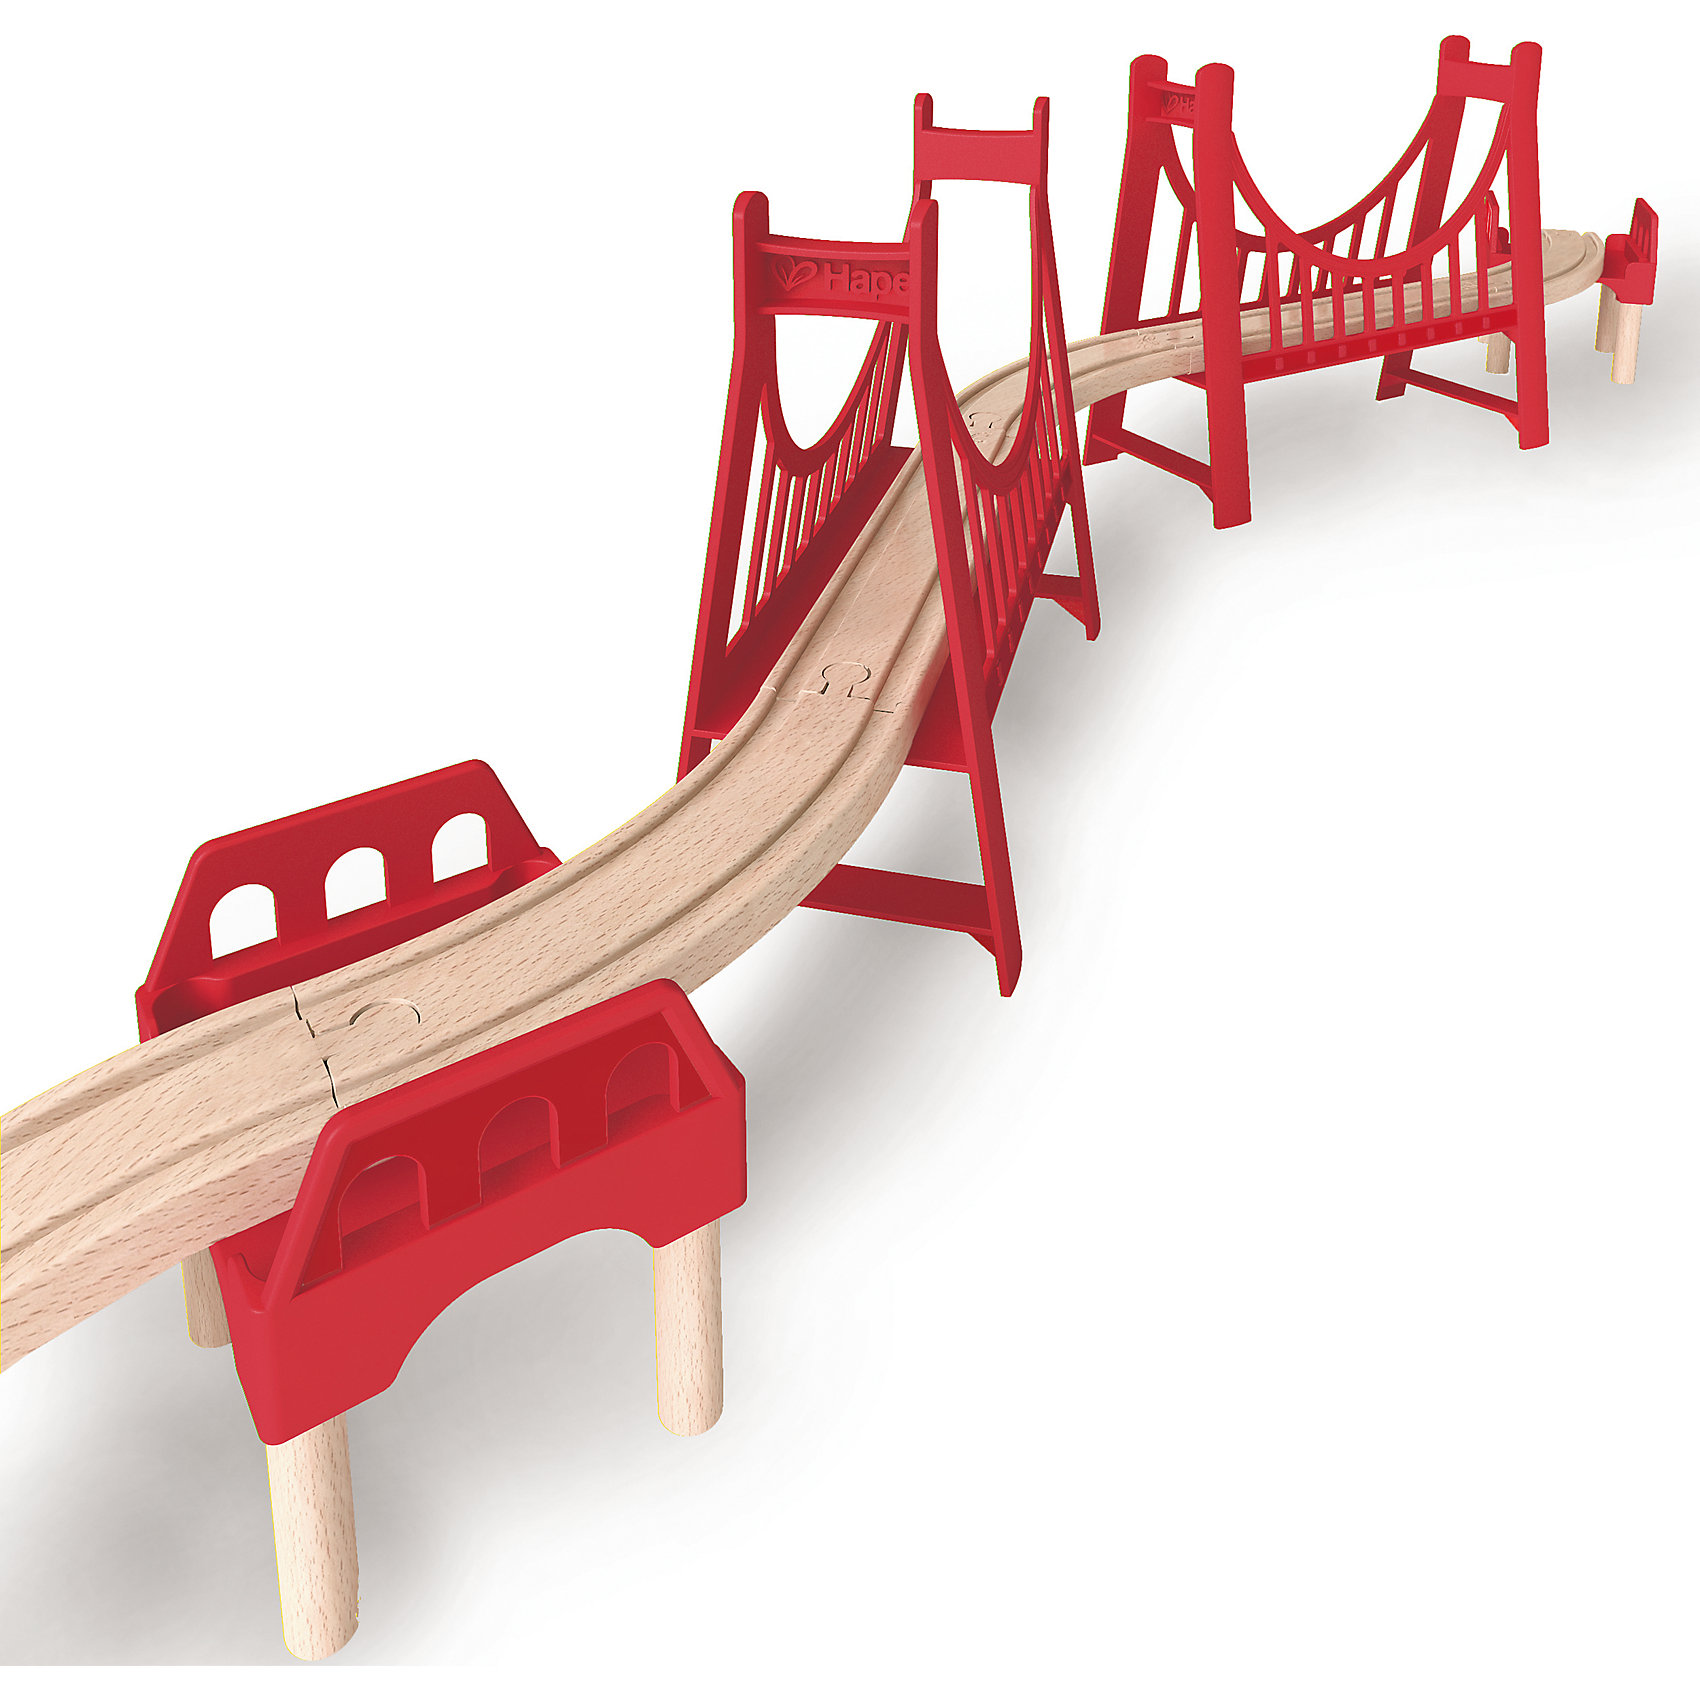 Дополнительный элемент Мост, HapeИгрушечная железная дорога<br>Дополнительный элемент Мост, Hape (Хейп).<br><br>Характеристики:<br><br>- В наборе: пролеты моста 2 шт, восходящие пролеты 2 шт.<br>- Размер: 130х20х20 см.<br>- Материал: древесина<br><br>Дополнительный элемент подвесной мост позволит значительно улучшить конфигурацию деревянной железной дороги от Hape (Хейп). Подвесной мост легко присоединяется к любой железной дороге Hape (E3700, E3712, E3713). Под подвесной мост можно провести автомобильную или железную дорогу. Также его можно разделить на два более коротких моста и установить в разных частях железной дороги. Дополнительный элемент Мост изготовлен из отлично отшлифованного, натурального дерева, окрашенного нетоксичной краской.<br><br>Дополнительный элемент Мост, Hape (Хейп) можно купить в нашем интернет-магазине.<br><br>Ширина мм: 120<br>Глубина мм: 480<br>Высота мм: 240<br>Вес г: 833<br>Возраст от месяцев: 36<br>Возраст до месяцев: 84<br>Пол: Мужской<br>Возраст: Детский<br>SKU: 5309156